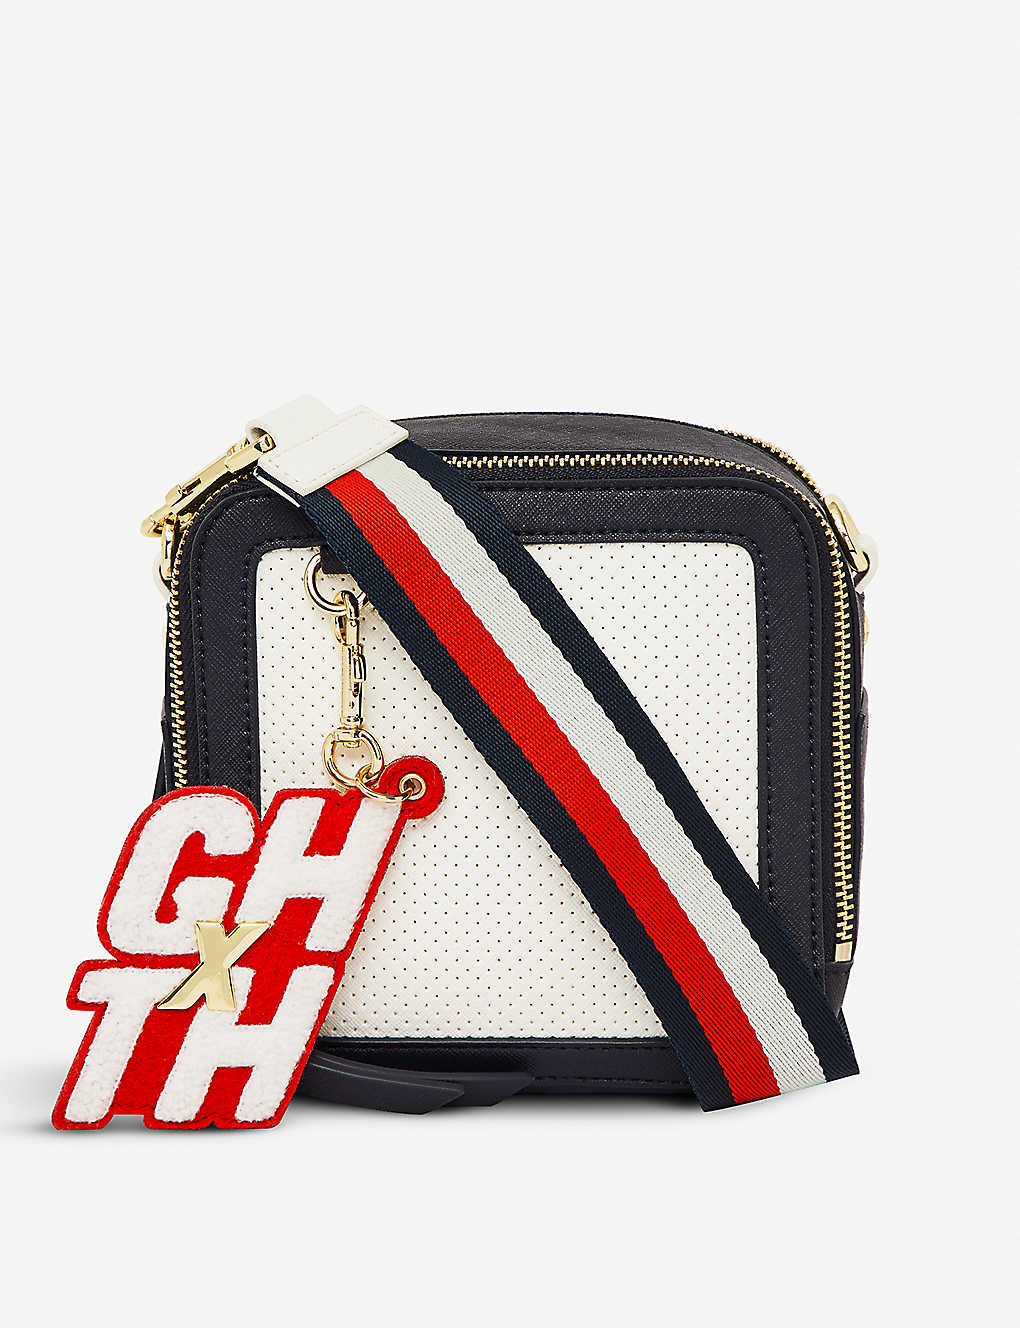 074f96515c3 TOMMY HILFIGER - Tommy Hilfiger X Gigi Hadid cross-body bag ...